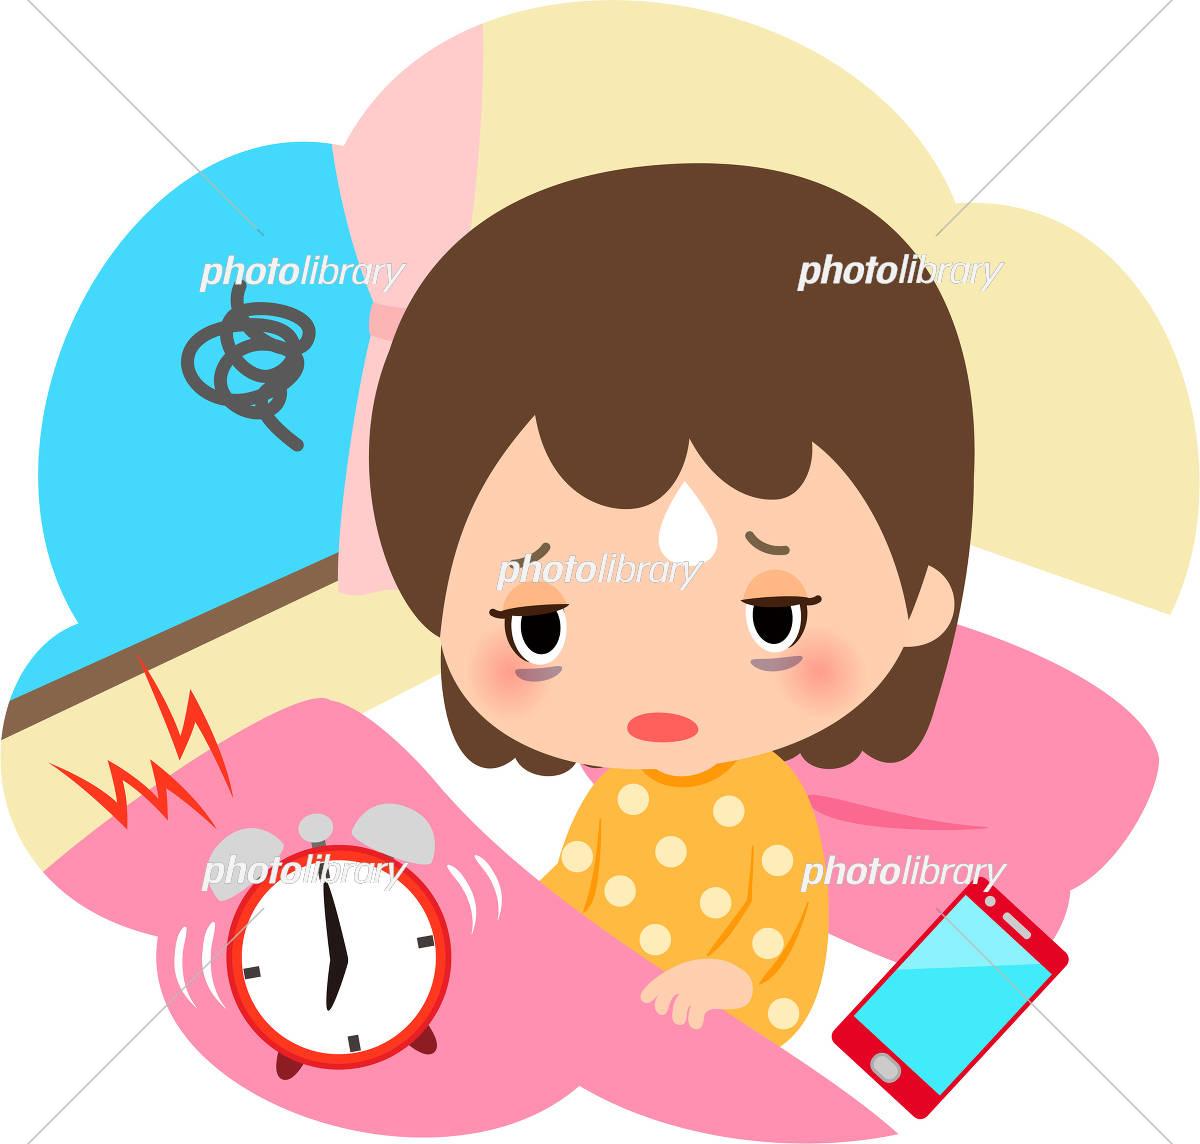 朝起きるのがつらい女の子とスマートフォン イラスト素材 5930738